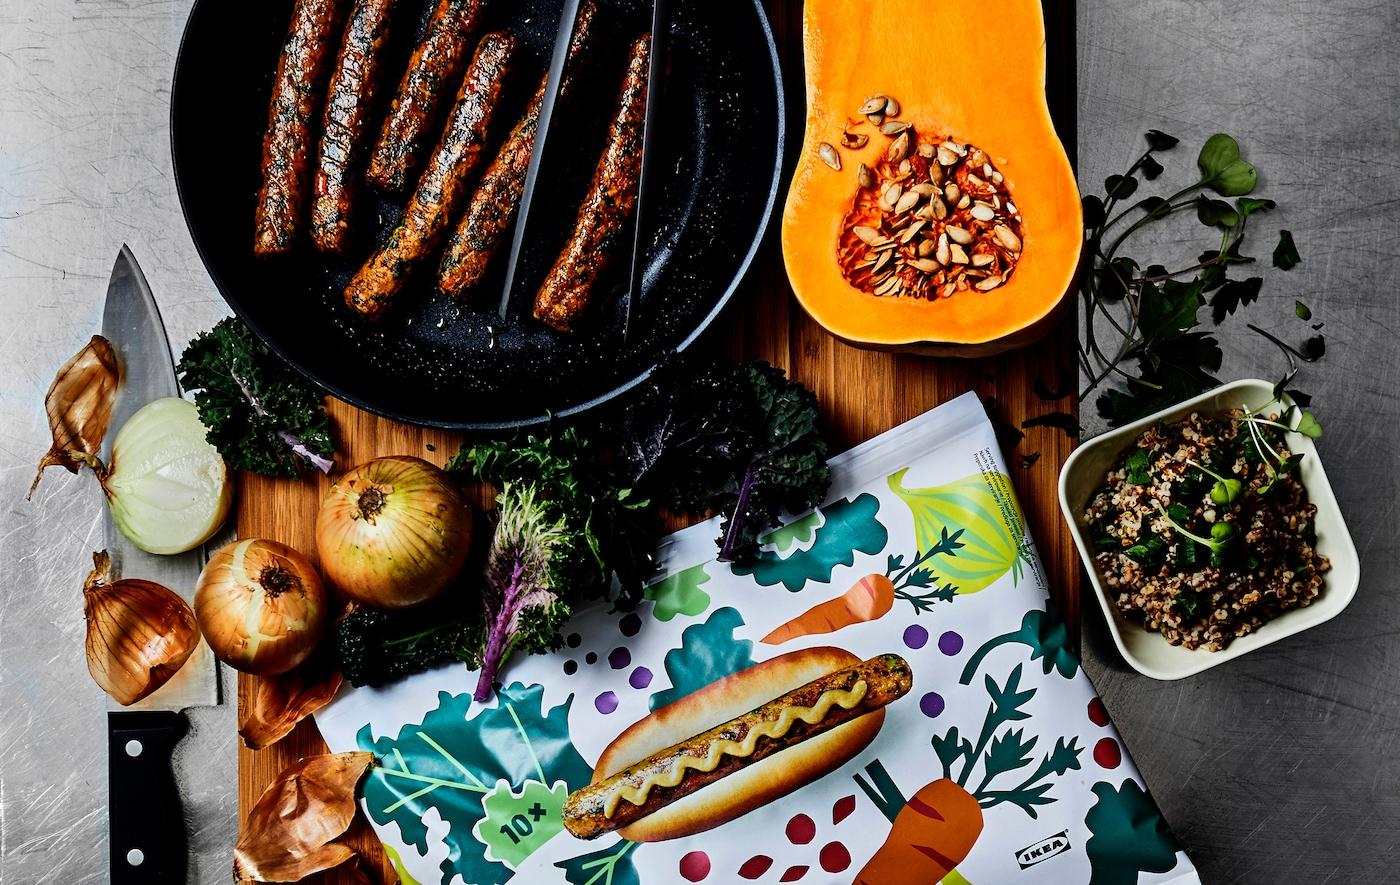 Kobasice u tavi, povrće i pakiranje hot doga s uzorkom na drvenoj dasci.